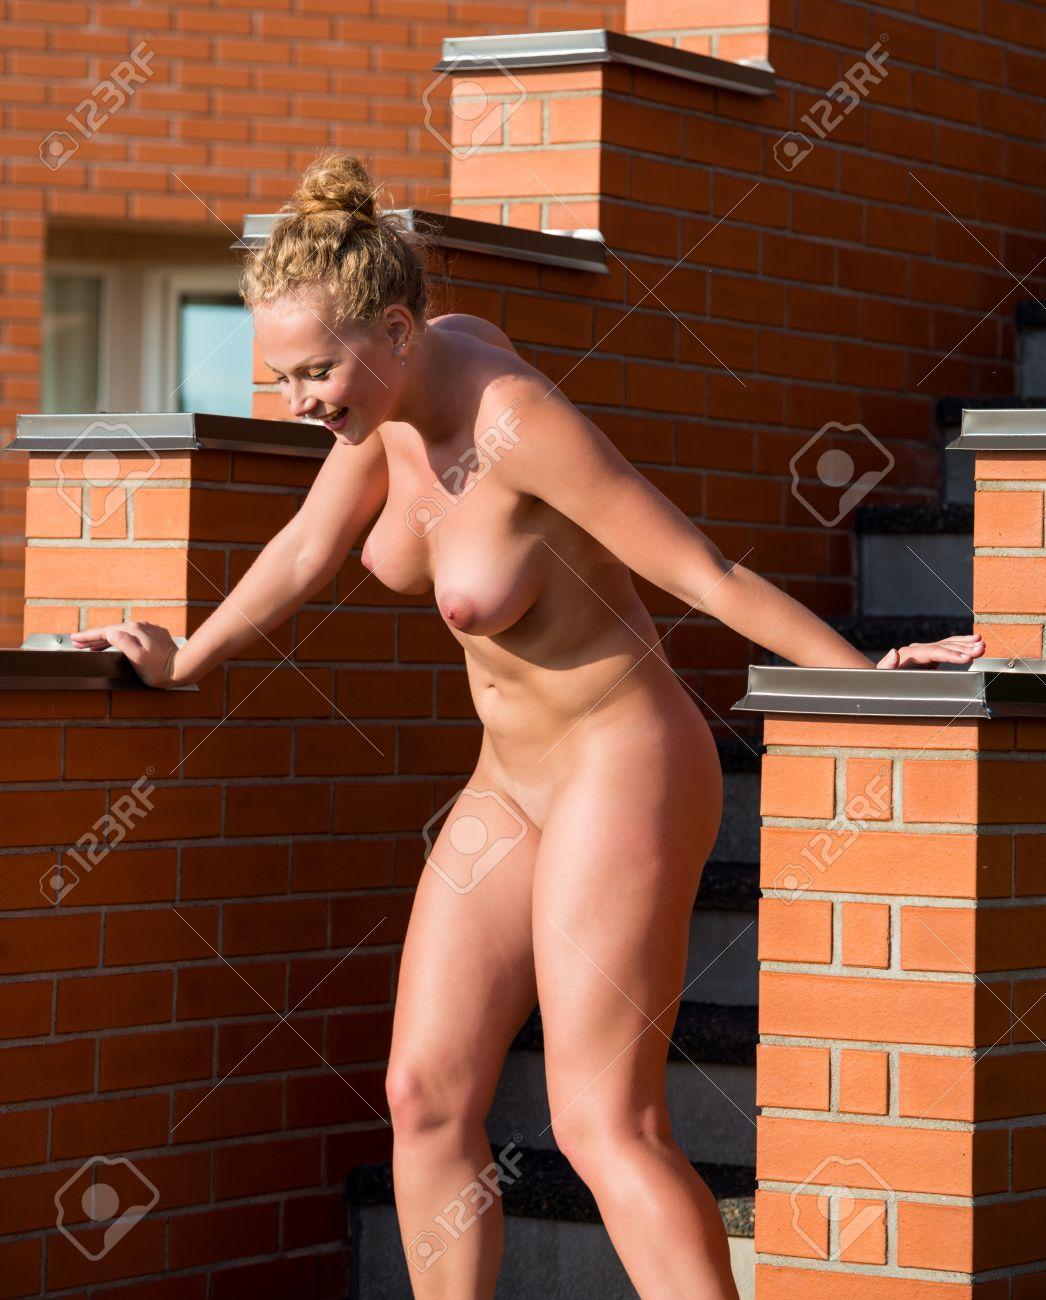 Frauen gebückt nackte Geile Frauen